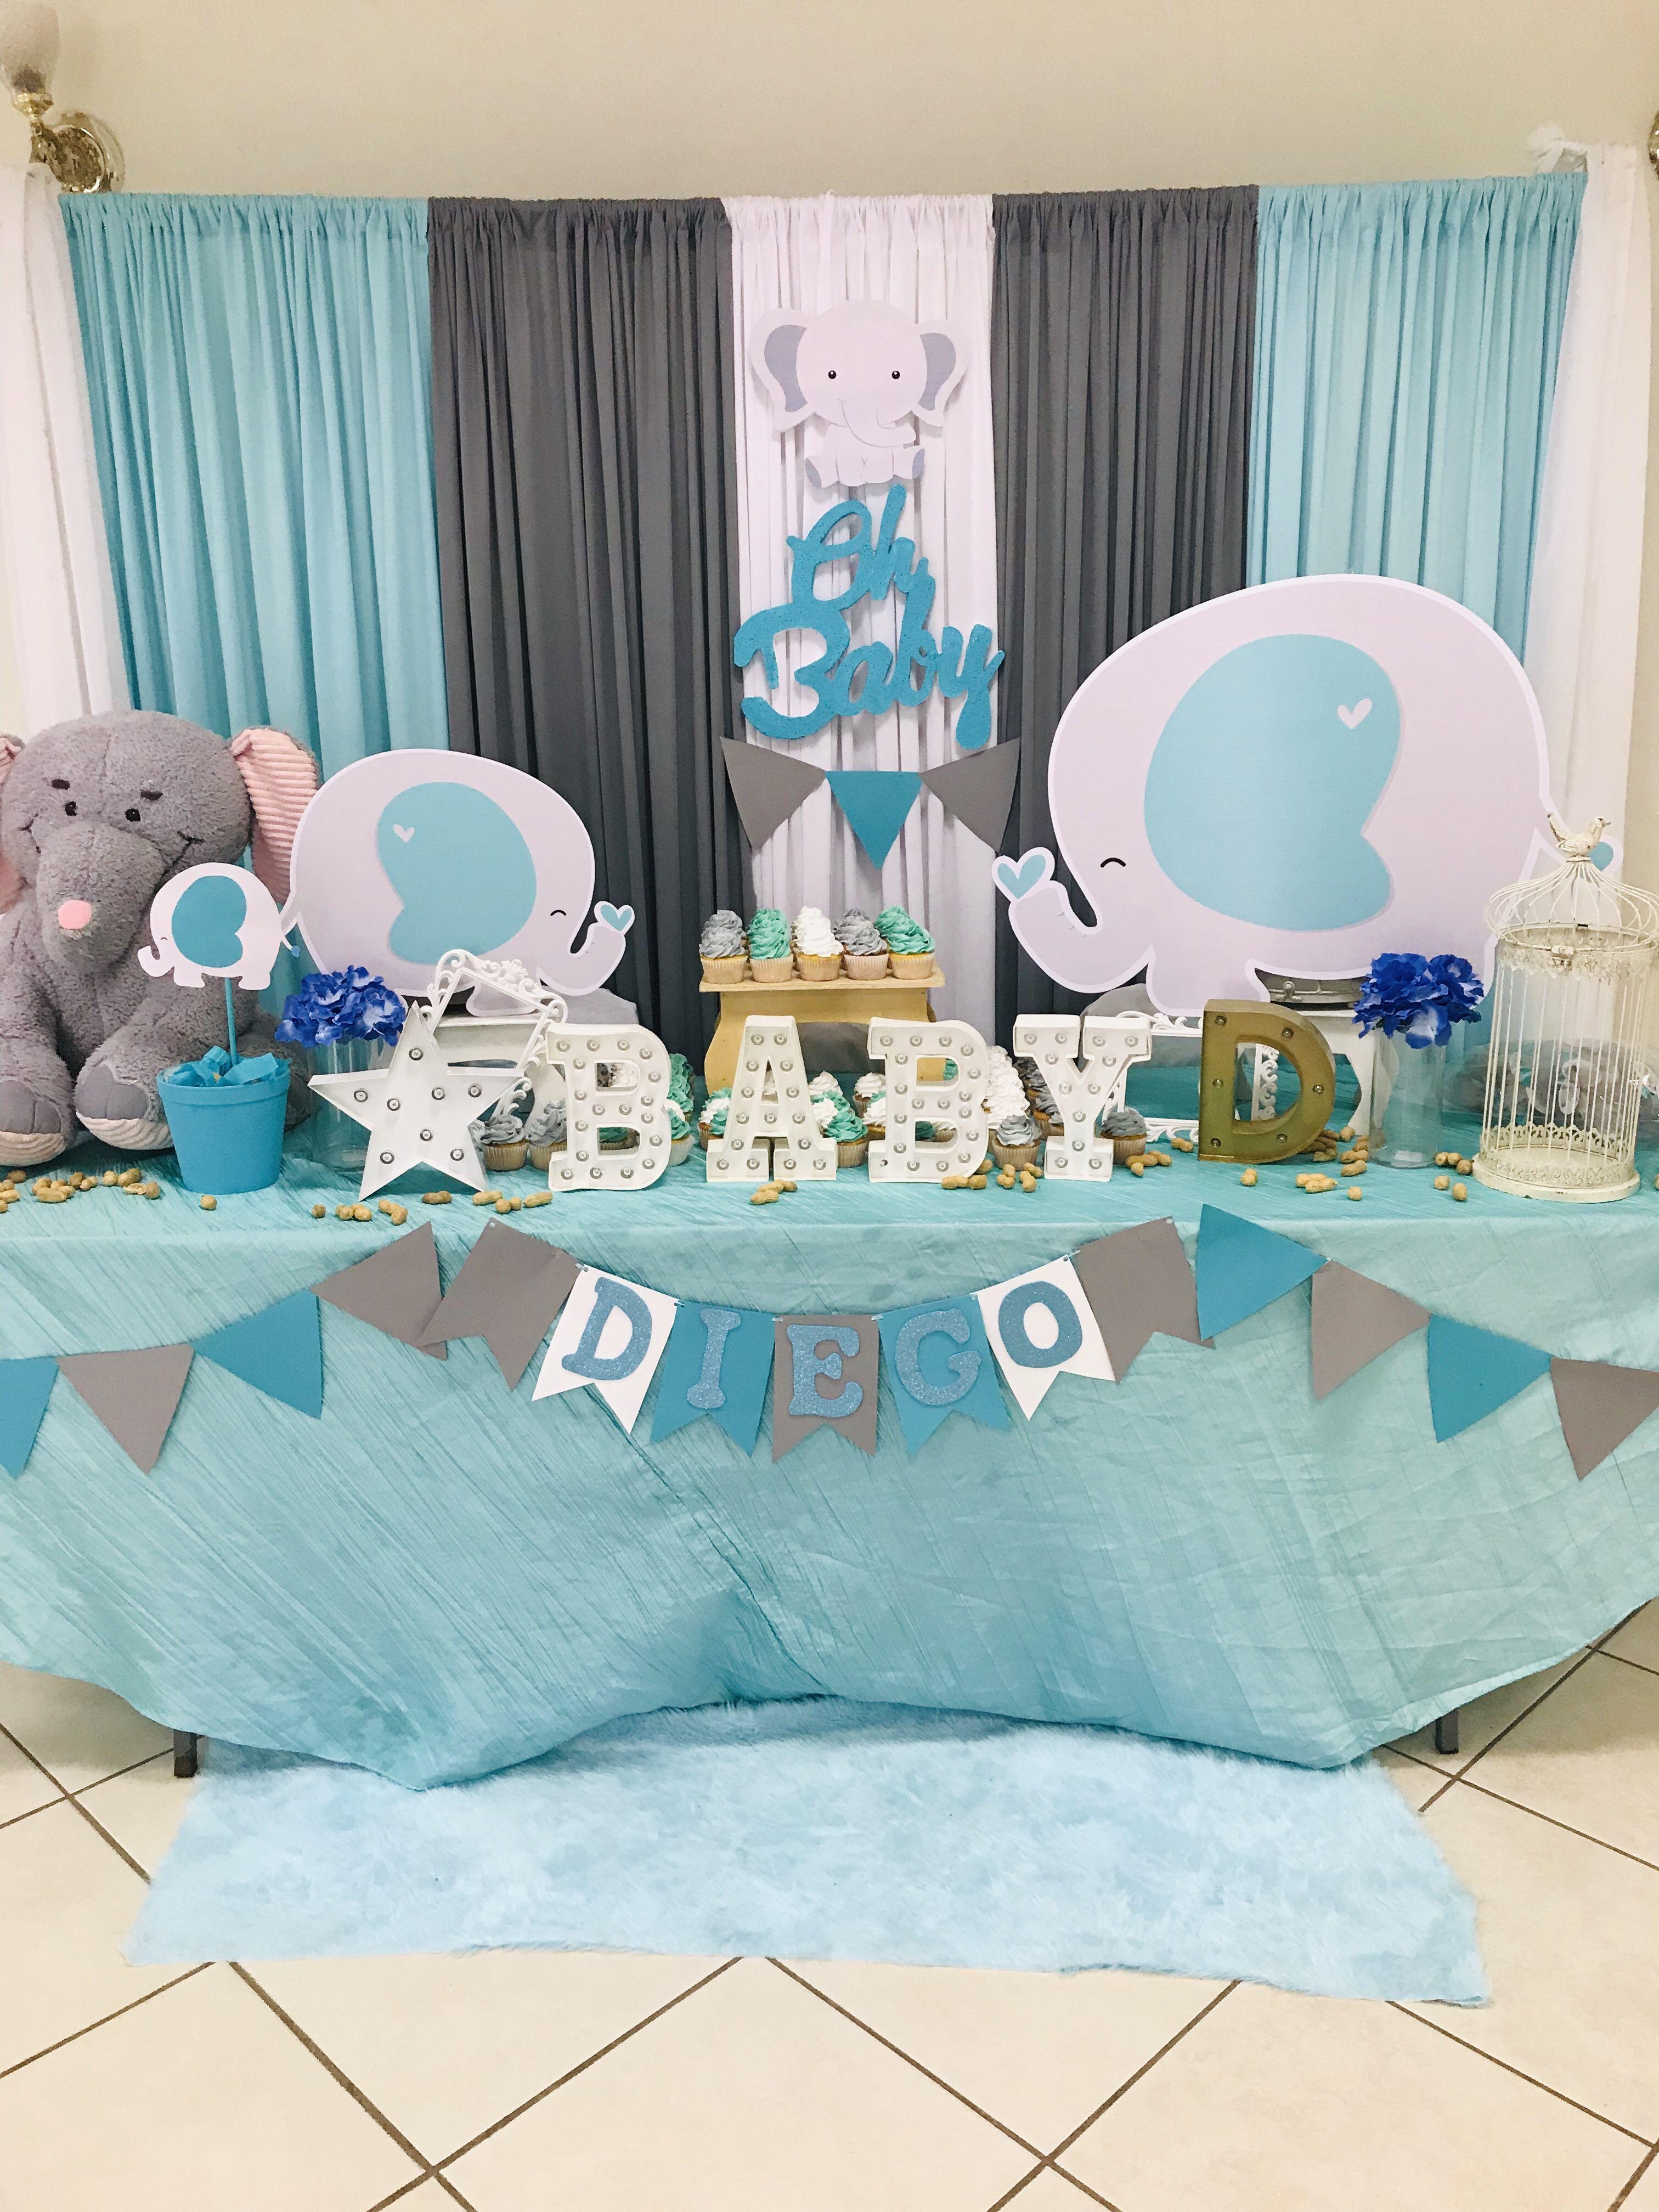 Mesa Principal De Baby Shower Nino.Baby Shower Mesa Principal Elefantitos Baby Elephant Baby